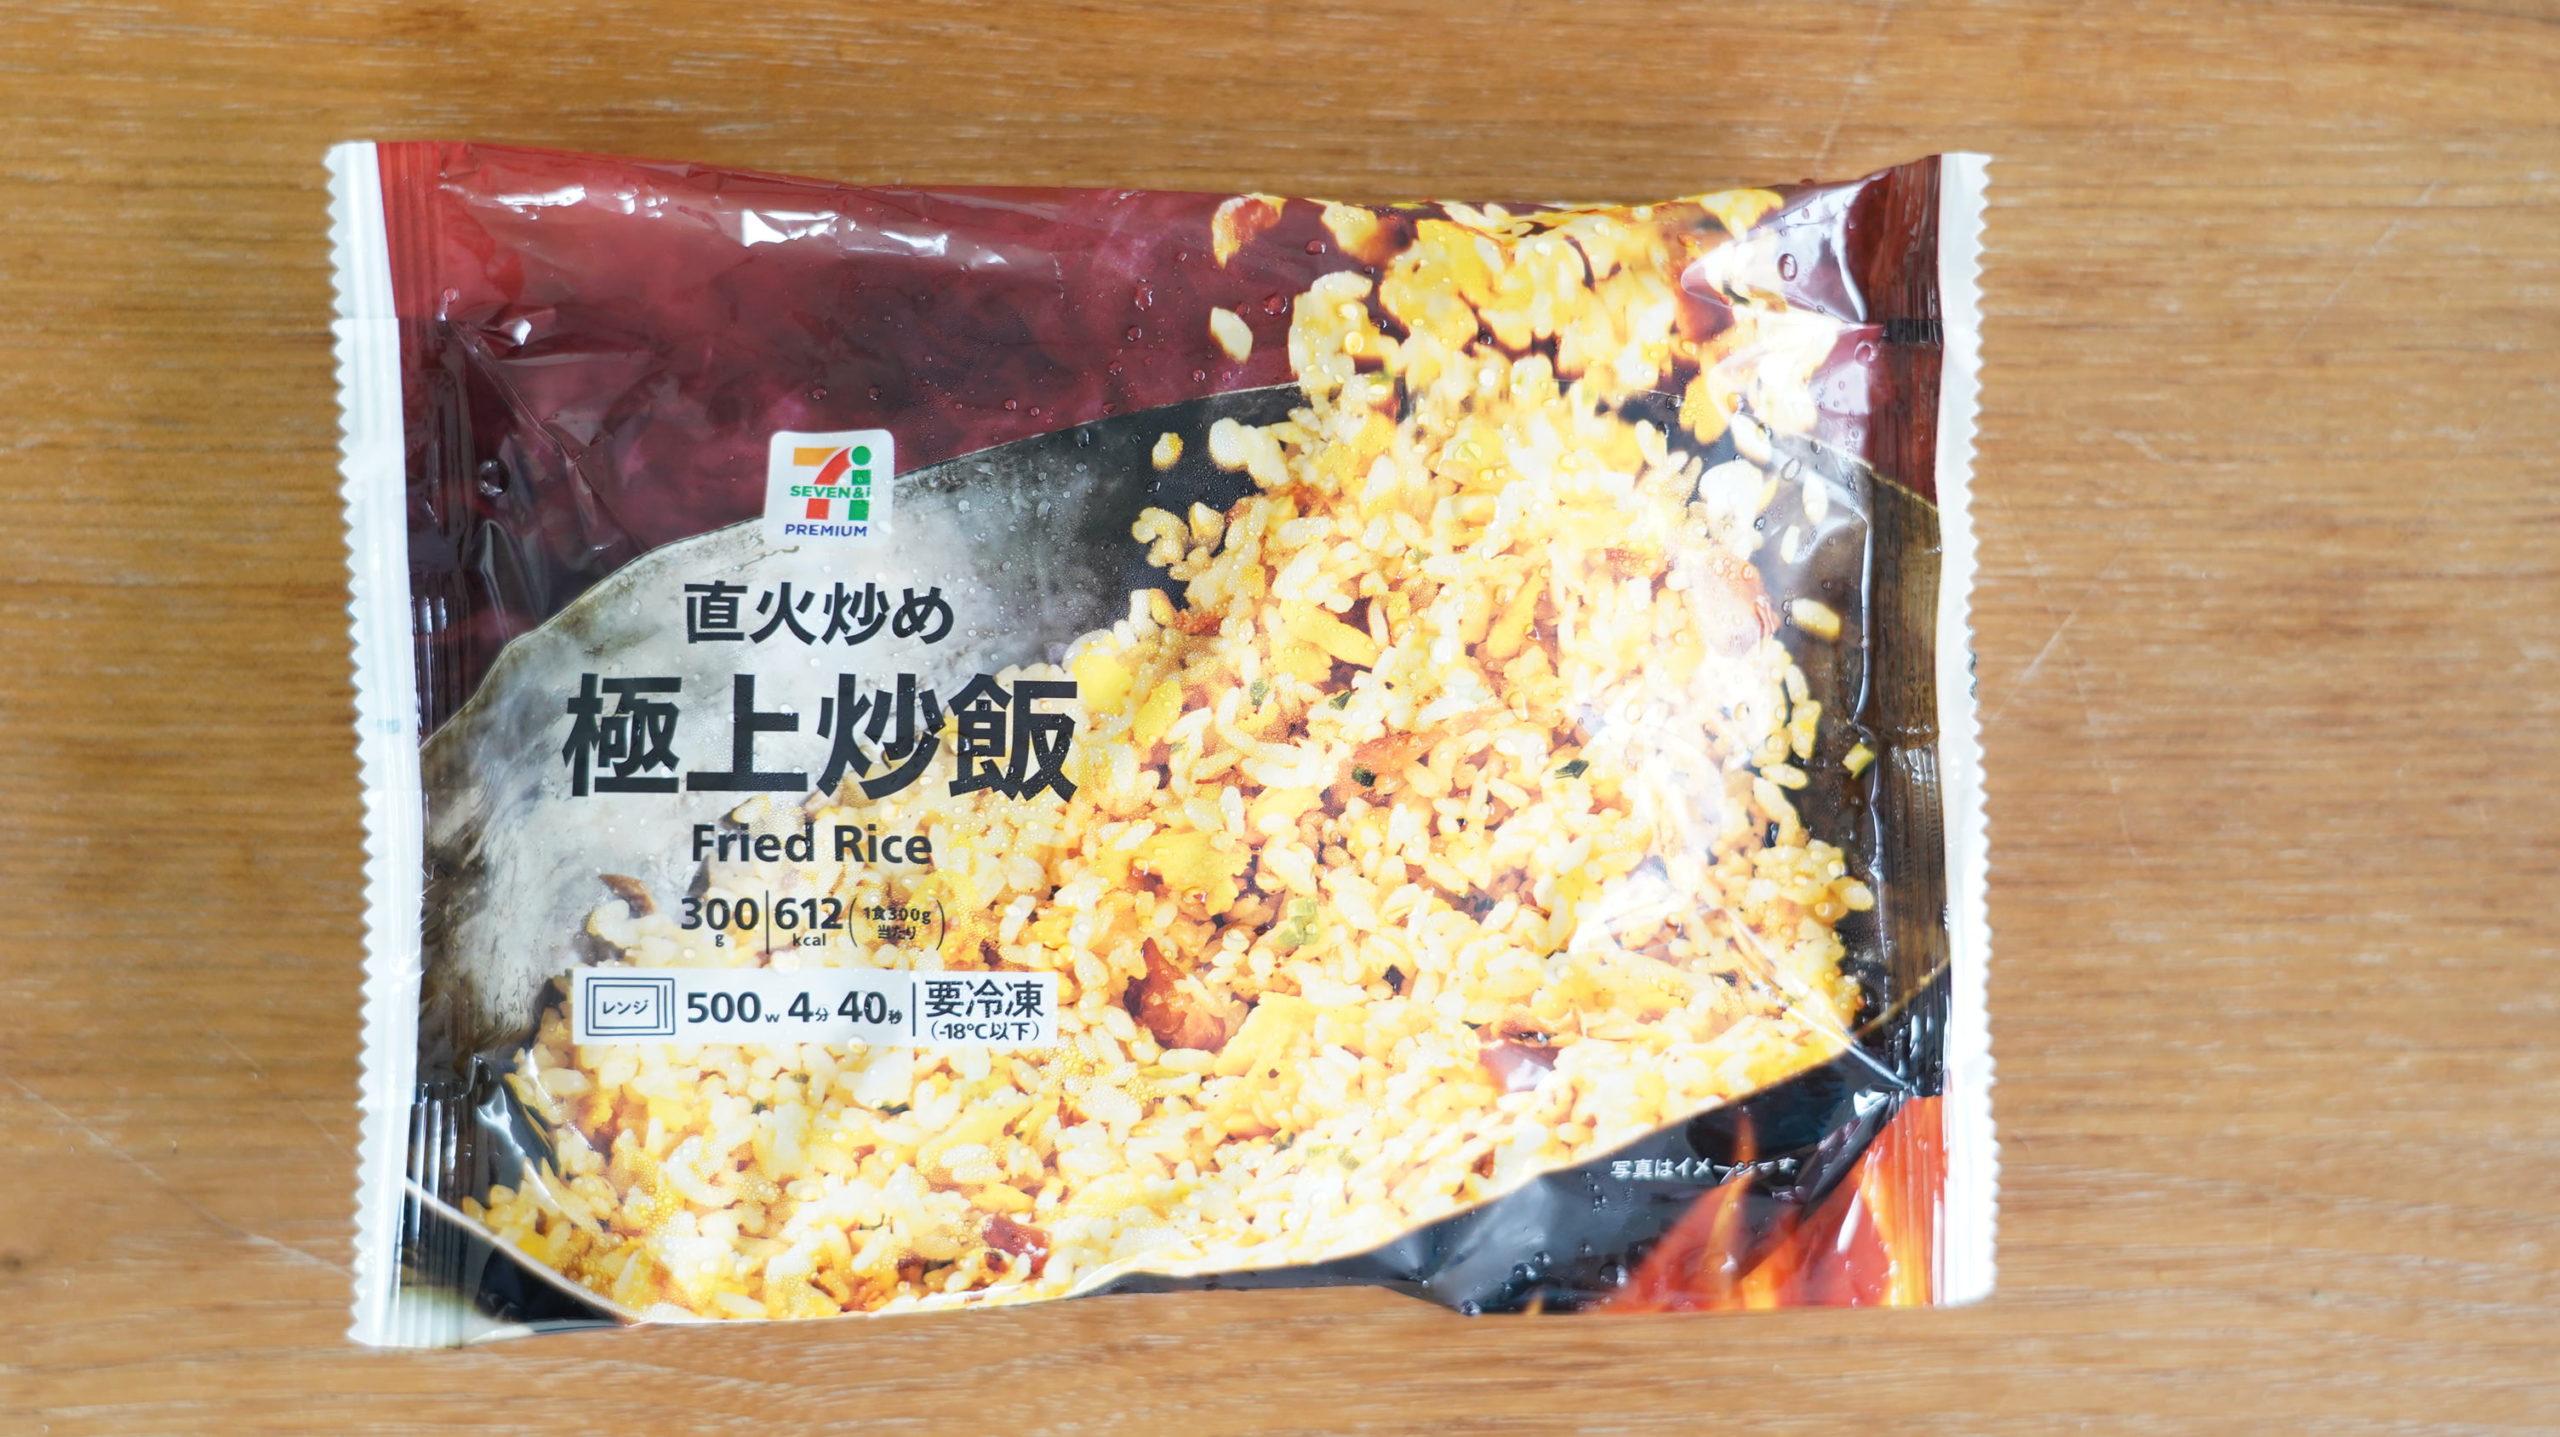 セブンイレブンのおすすめ冷凍食品「極上炒飯」のパッケージ写真